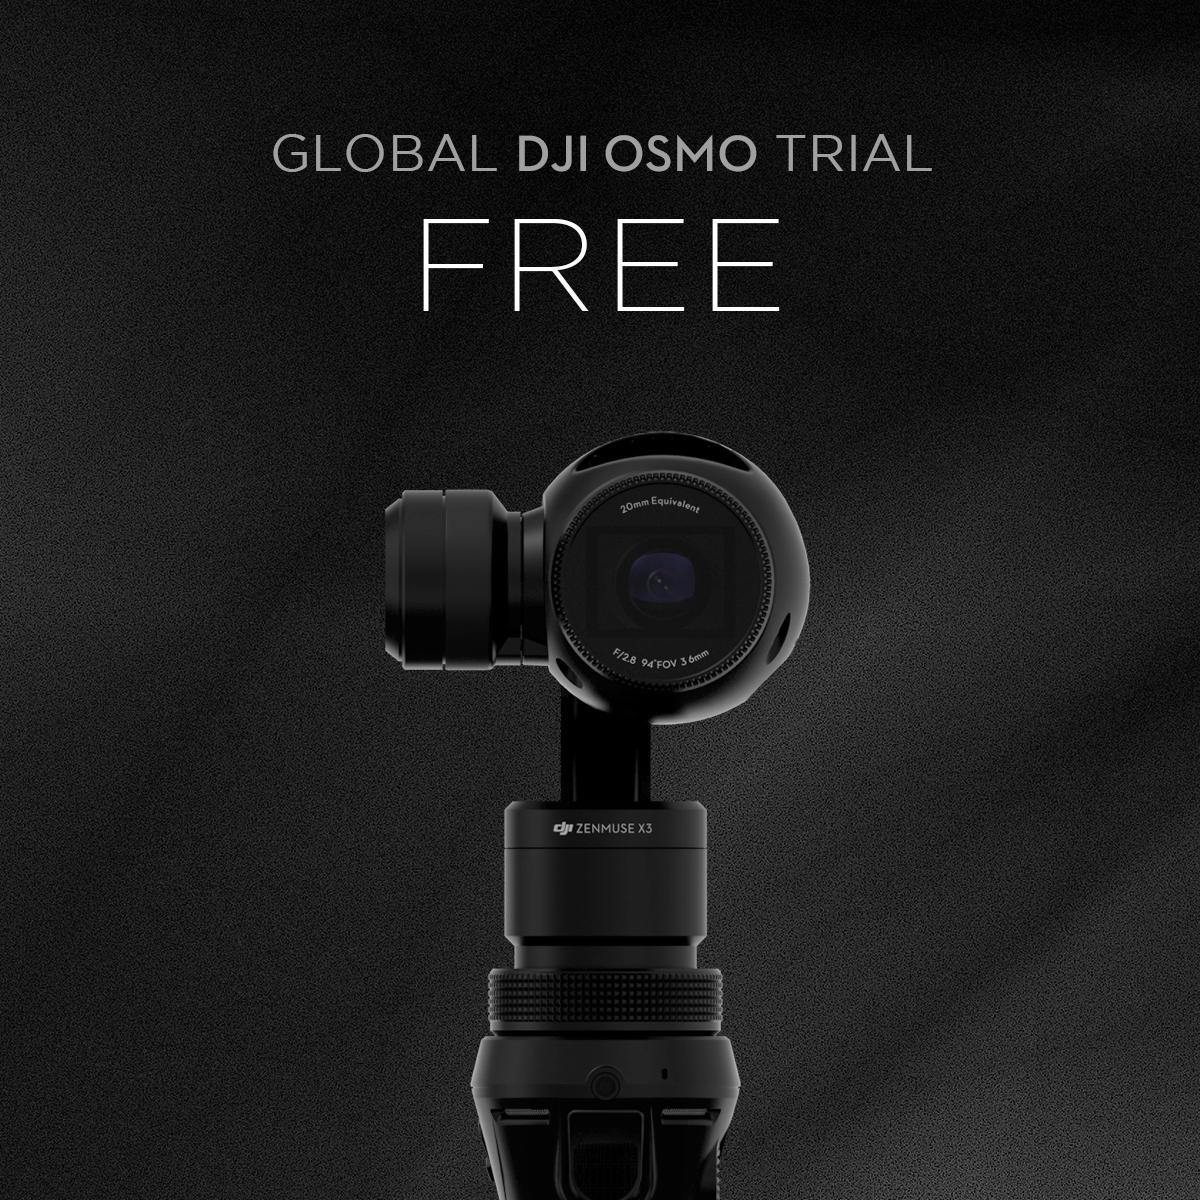 OSMO全球免费试用-1200×1200 EN-2.jpg